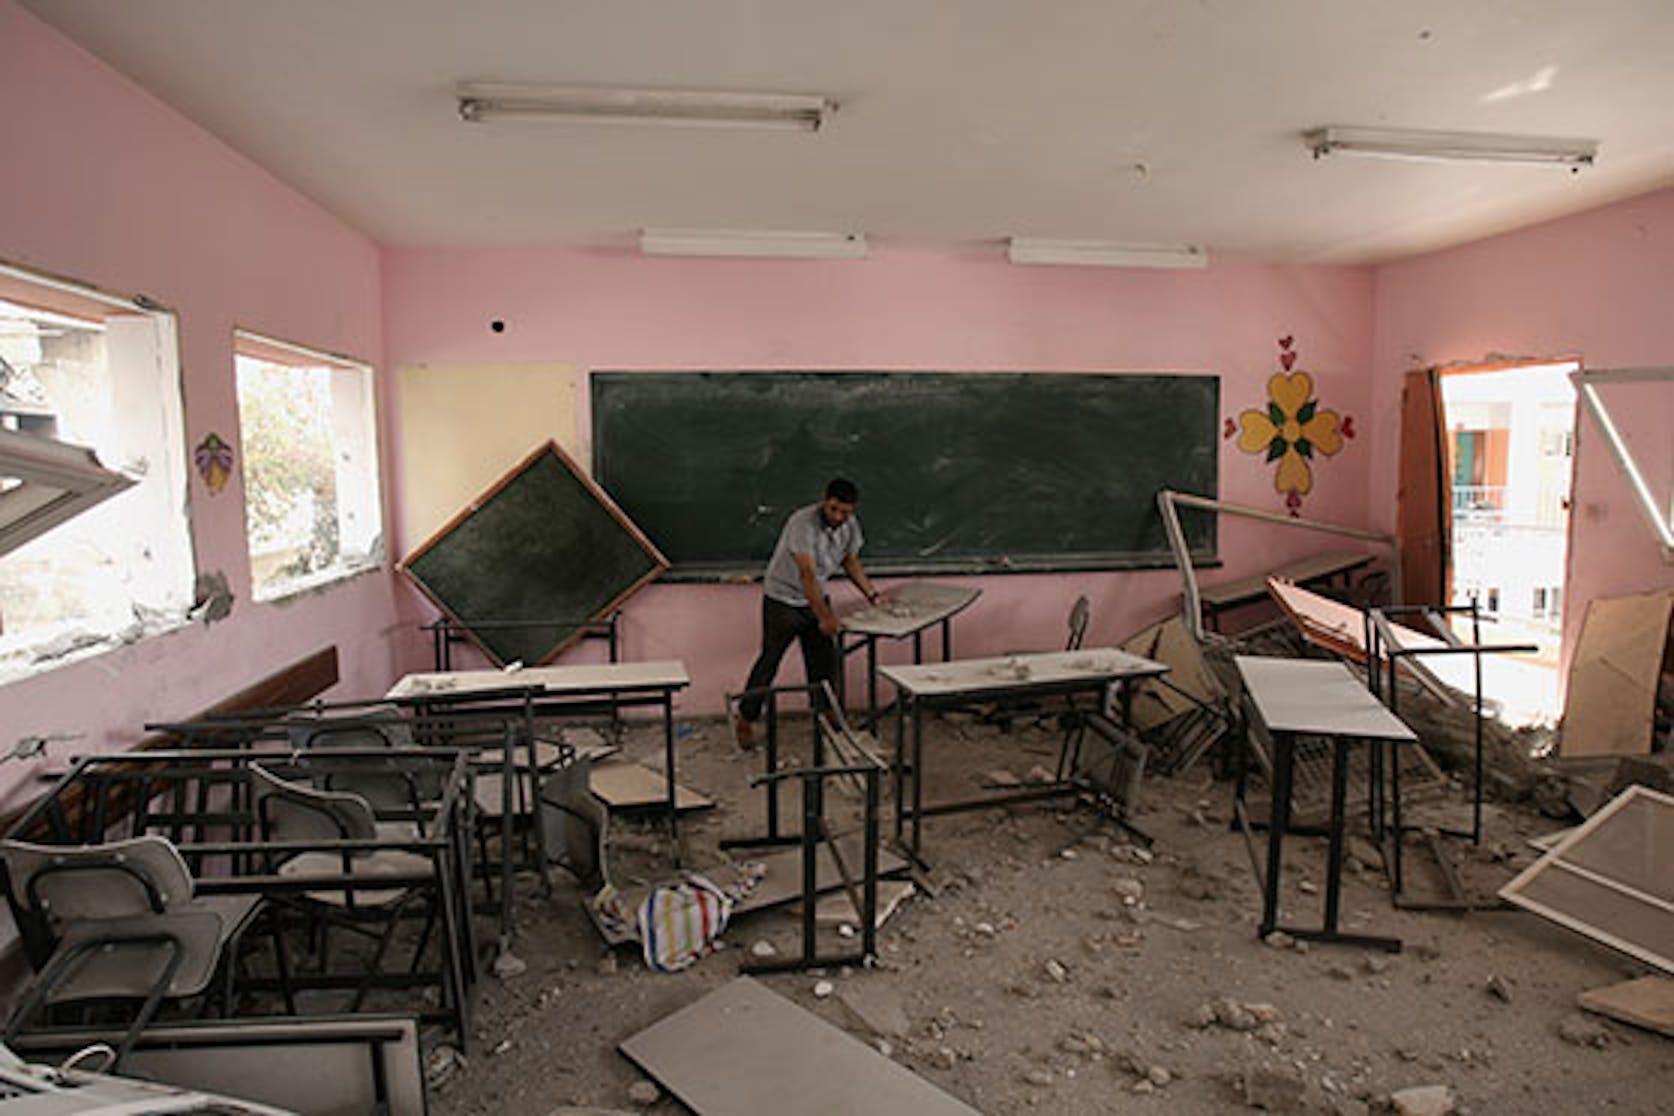 L'interno di una scuola della Striscia di Gaza devastata dai bombardamenti israeliani - ©UNICEF/NYHQ2014-1376/El Baba